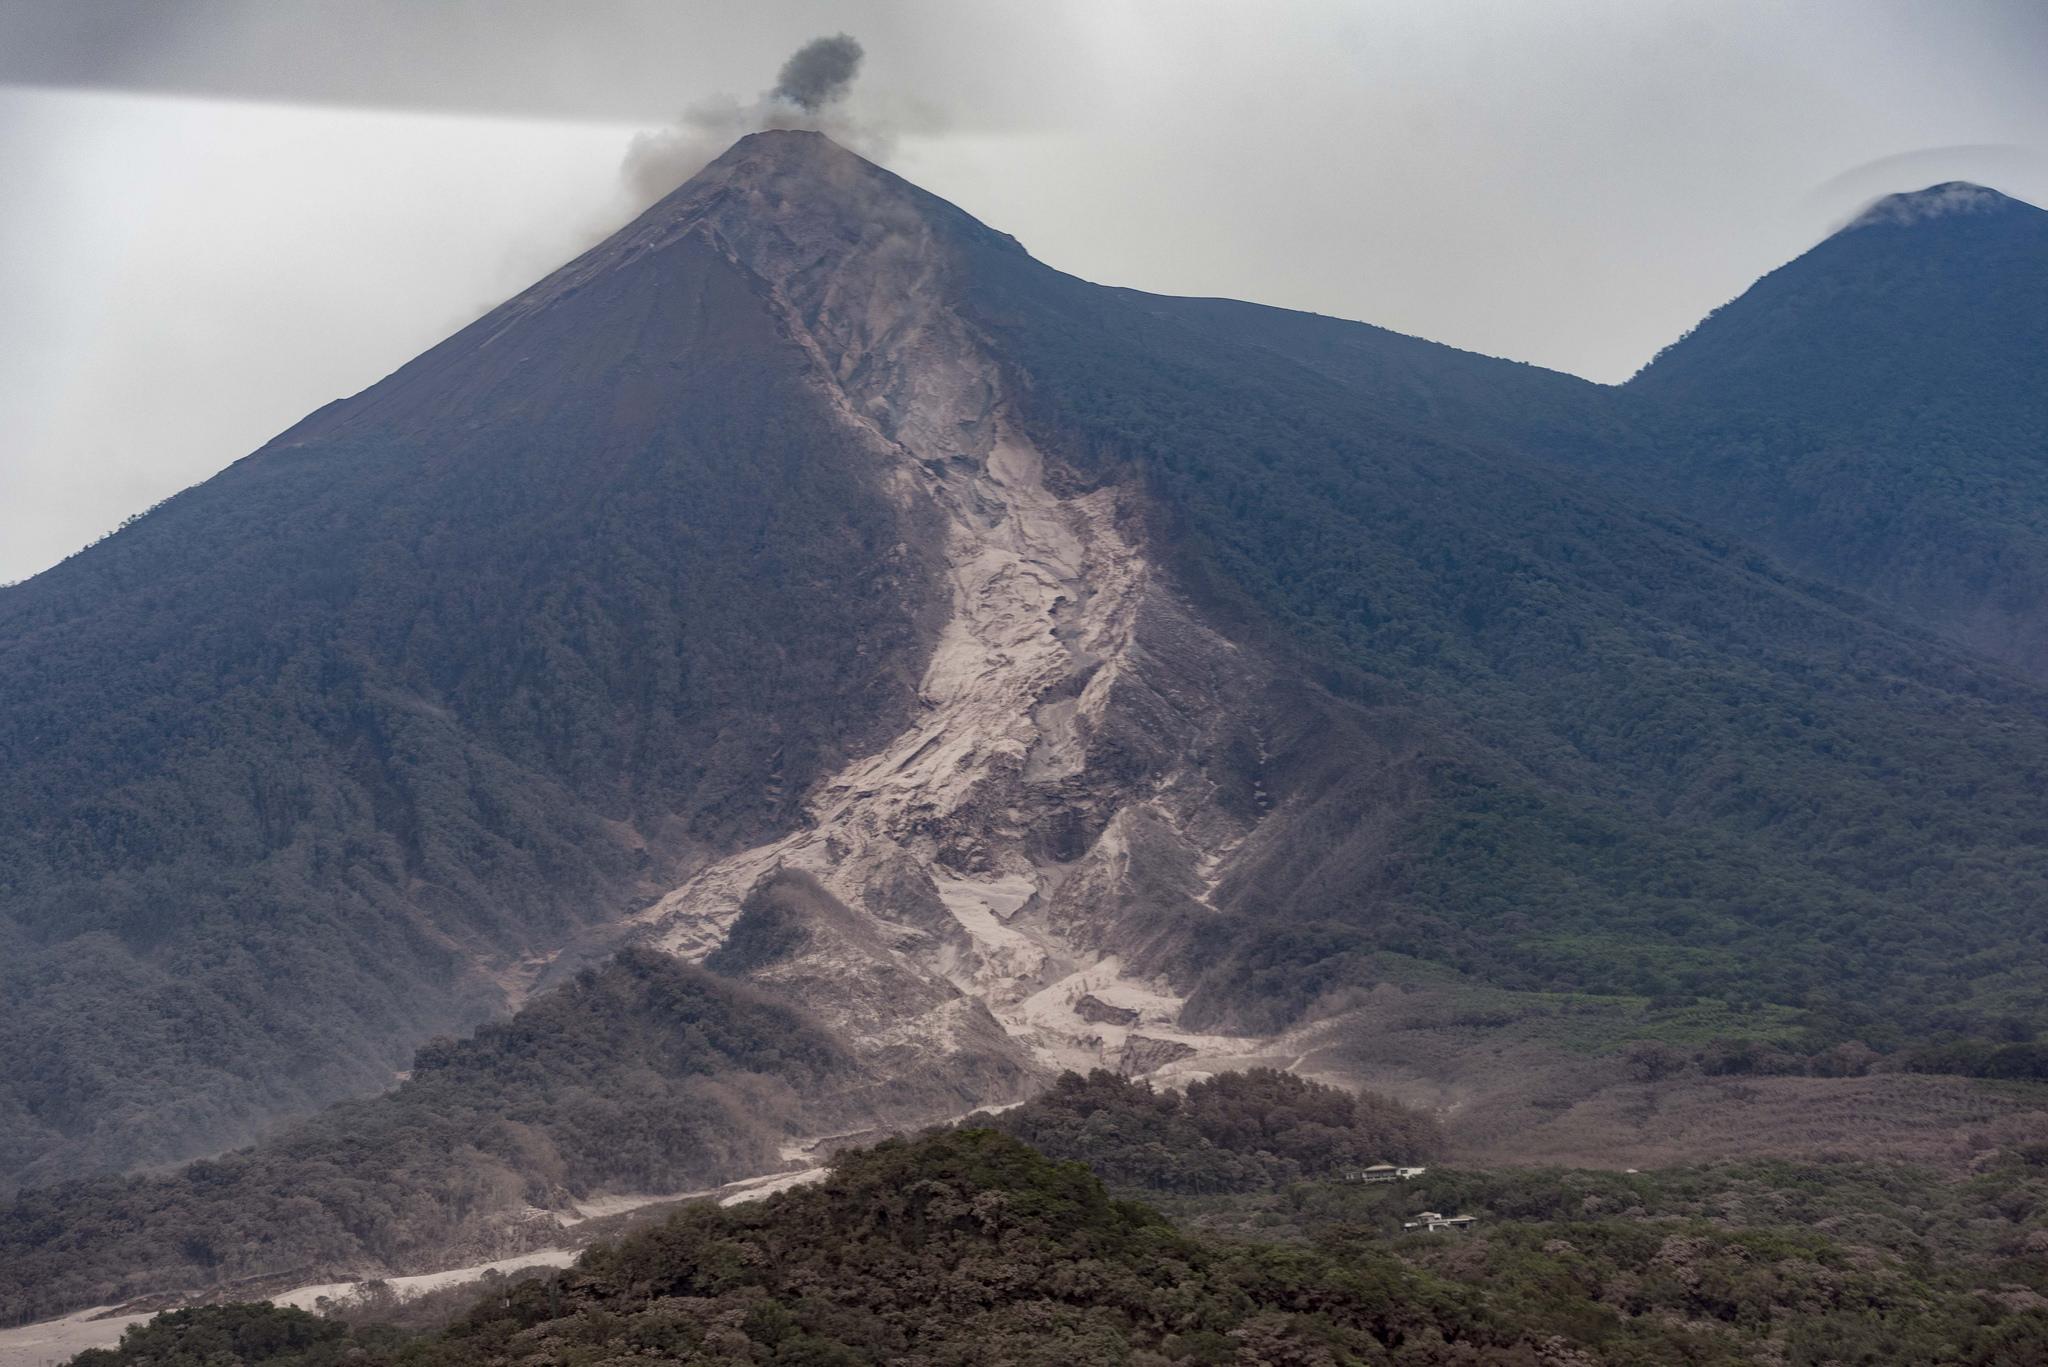 Boletín no. 5 volcán de fuego: Un millón 713 mil personas afectadas